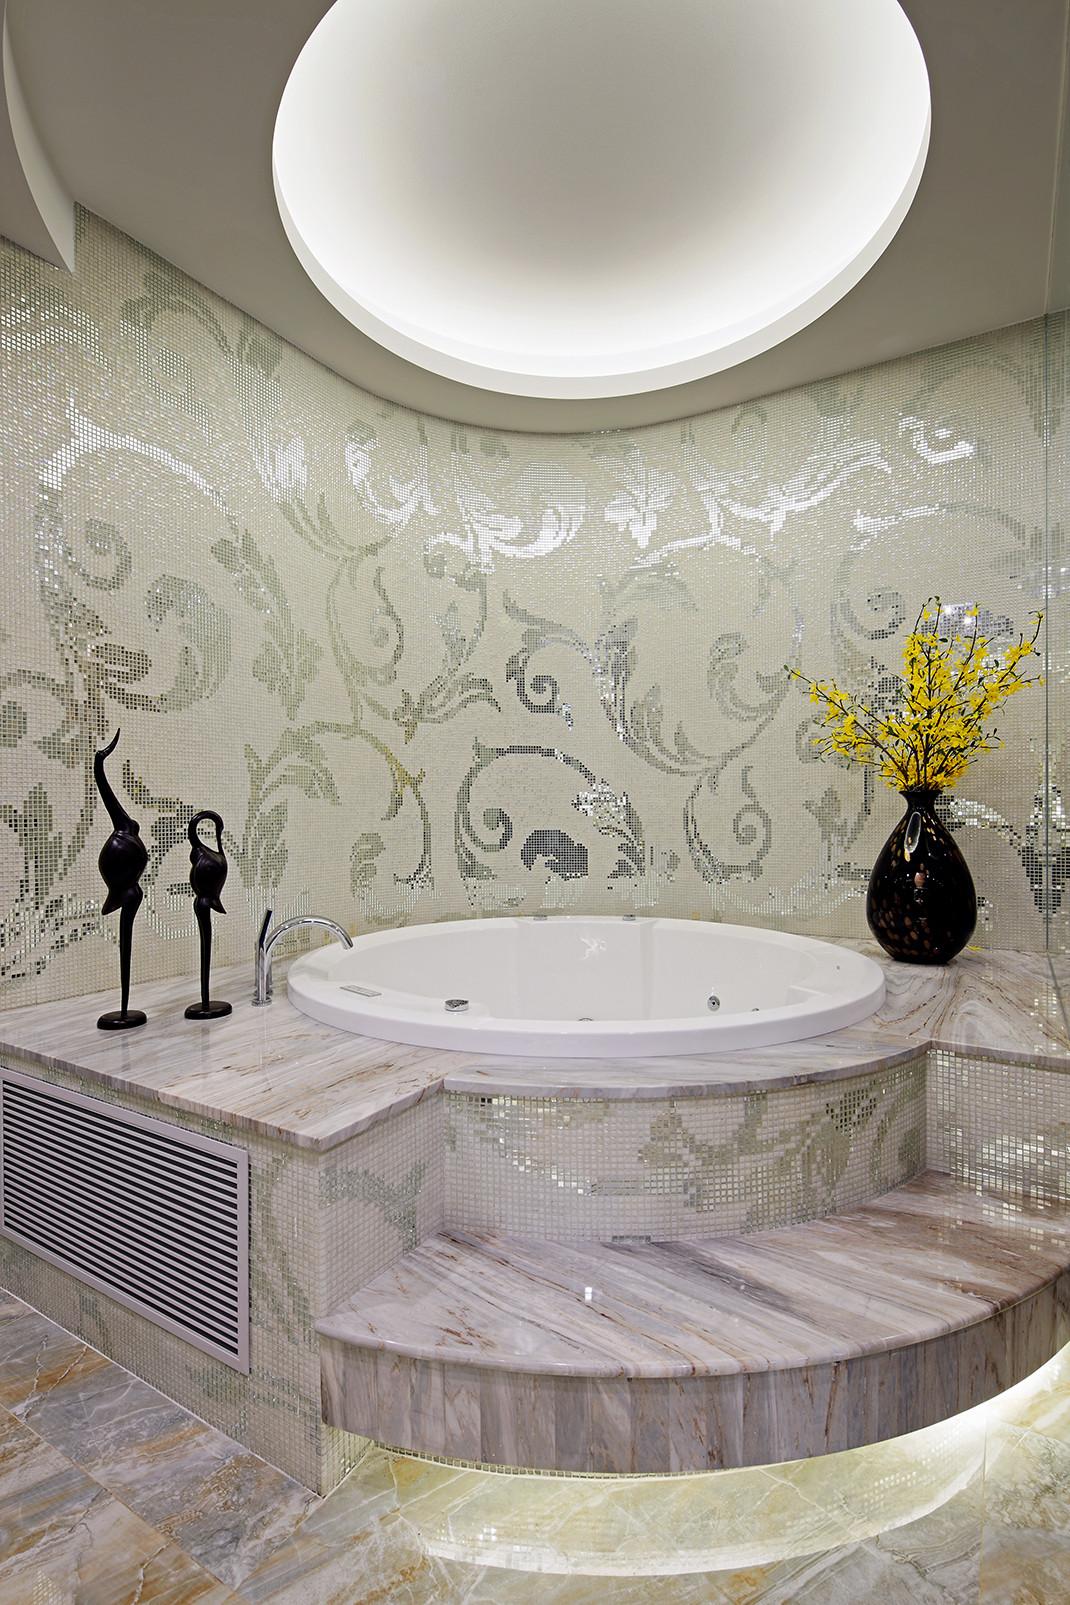 美式别墅装修浴缸图片